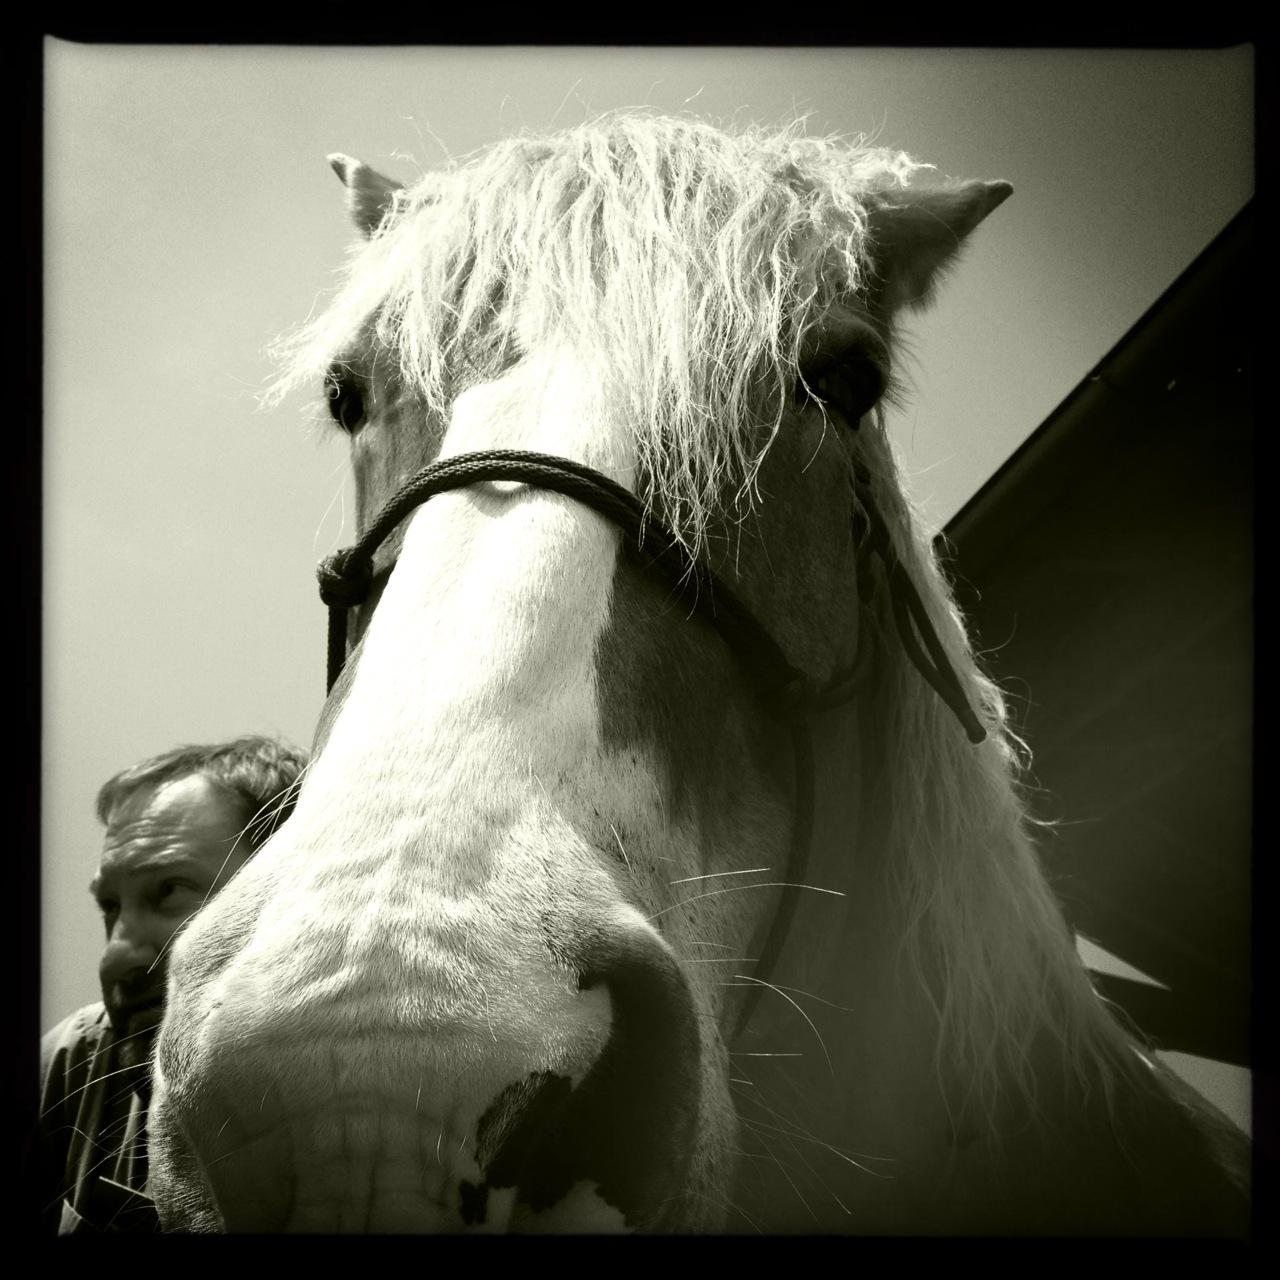 Retired #belgian #draft #horse @BiltmoreEstate. #avl #avlent